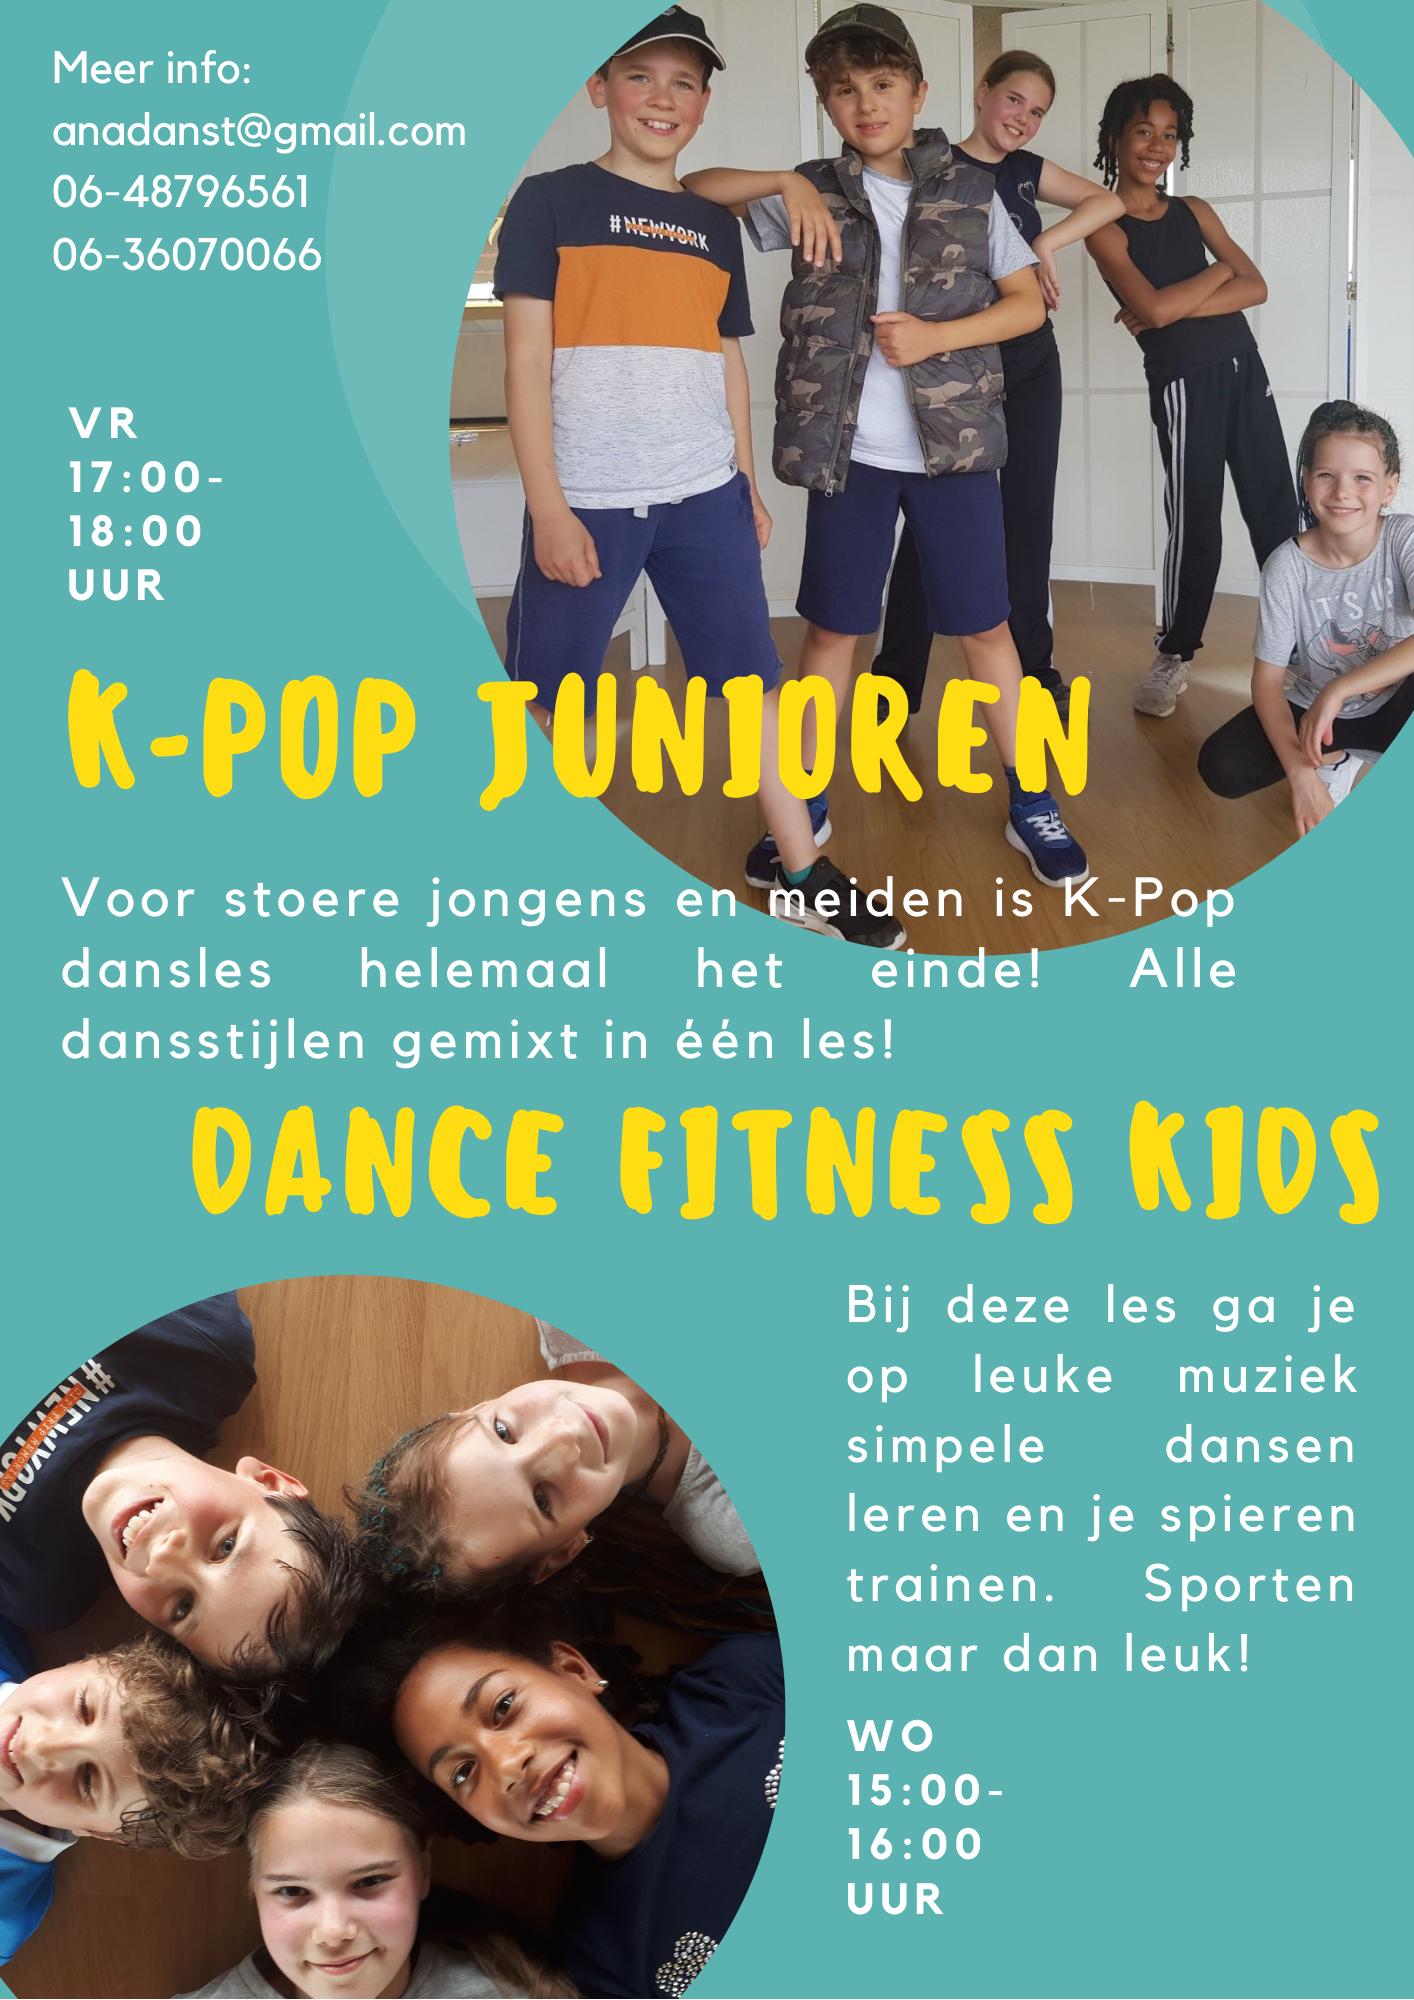 K-Pop Junioren & Dance Fitness Kids